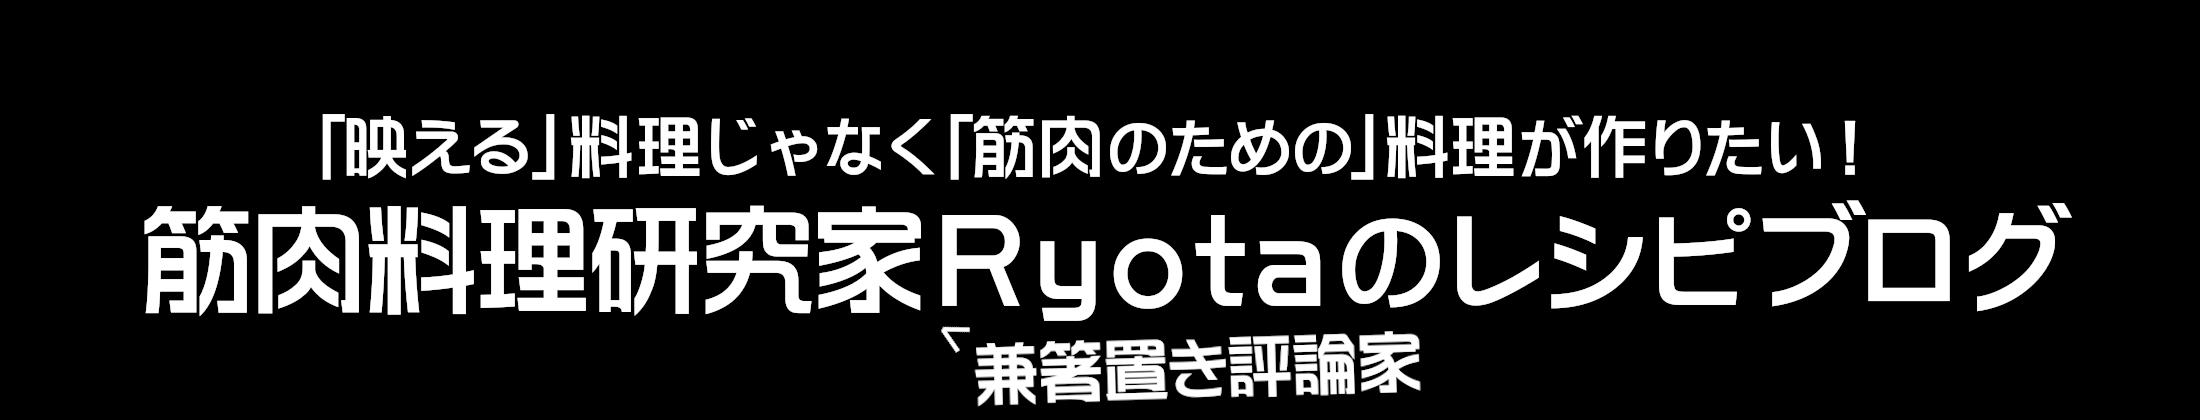 筋肉料理研究家 Ryotaのレシピブログ